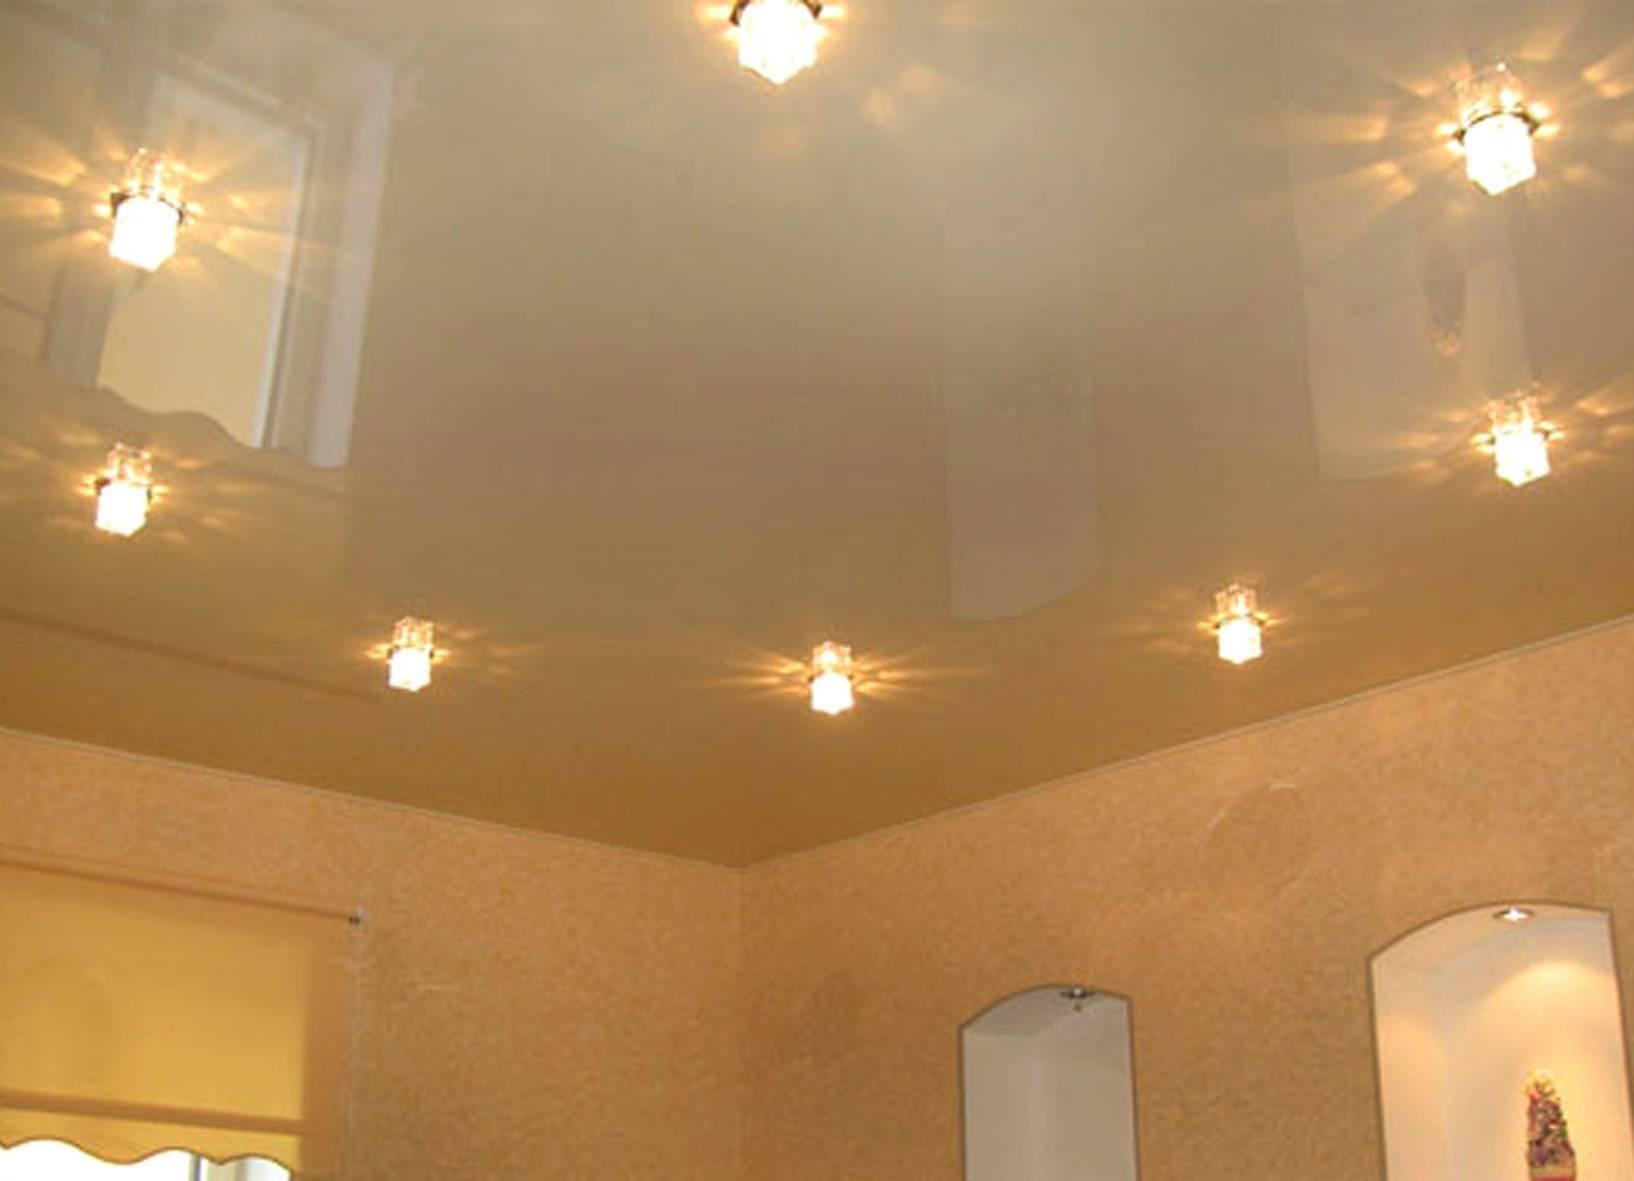 Расположение светильников на натяжном потолке: самые актуальные варианты размещения ламп с фото и как расположить точечные лампочки в зале, кухне и спальне